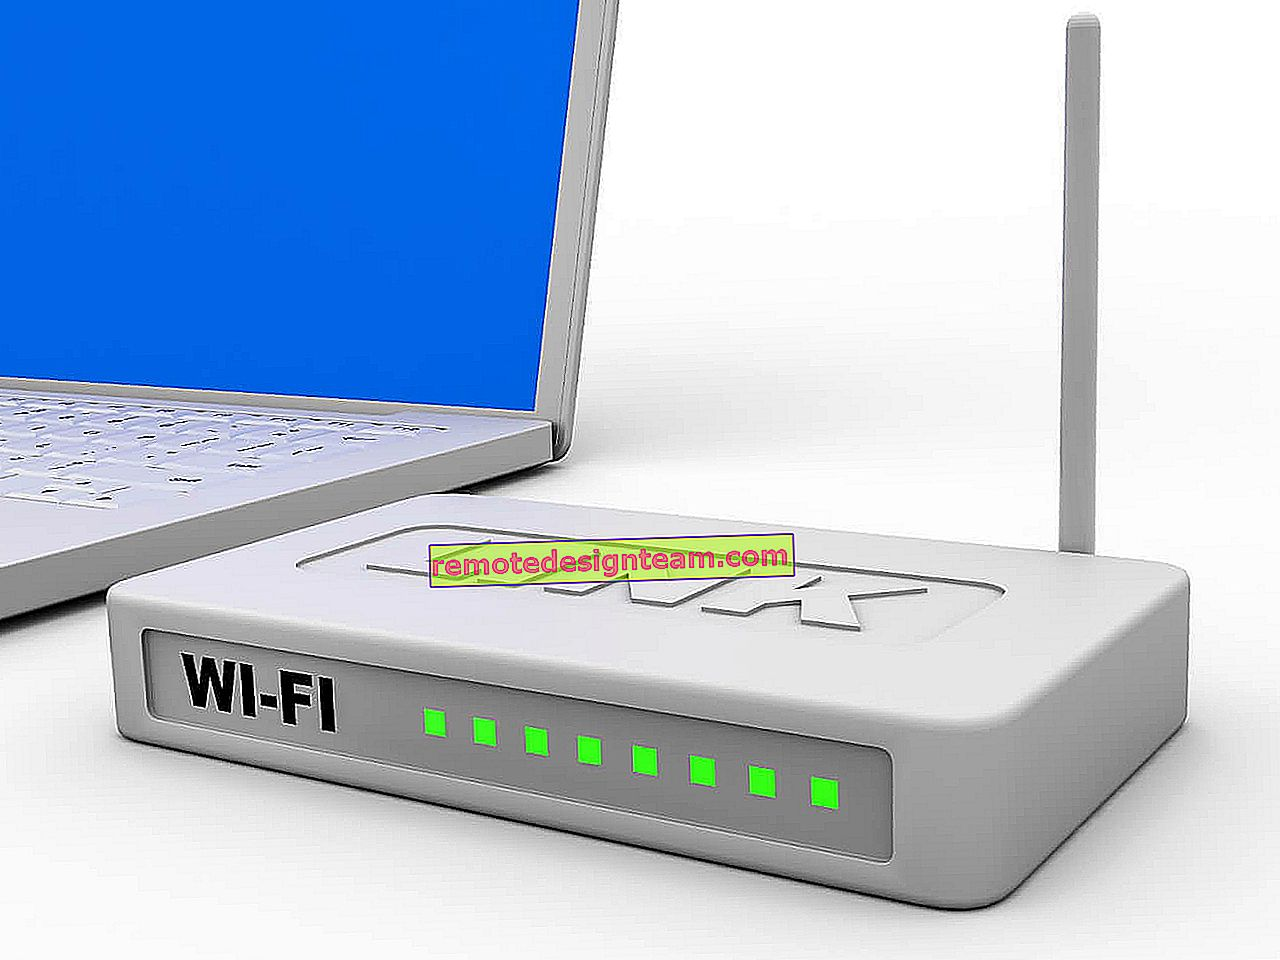 Чому ноутбук не бачить Wi-Fi мережу роутера? Що робити?